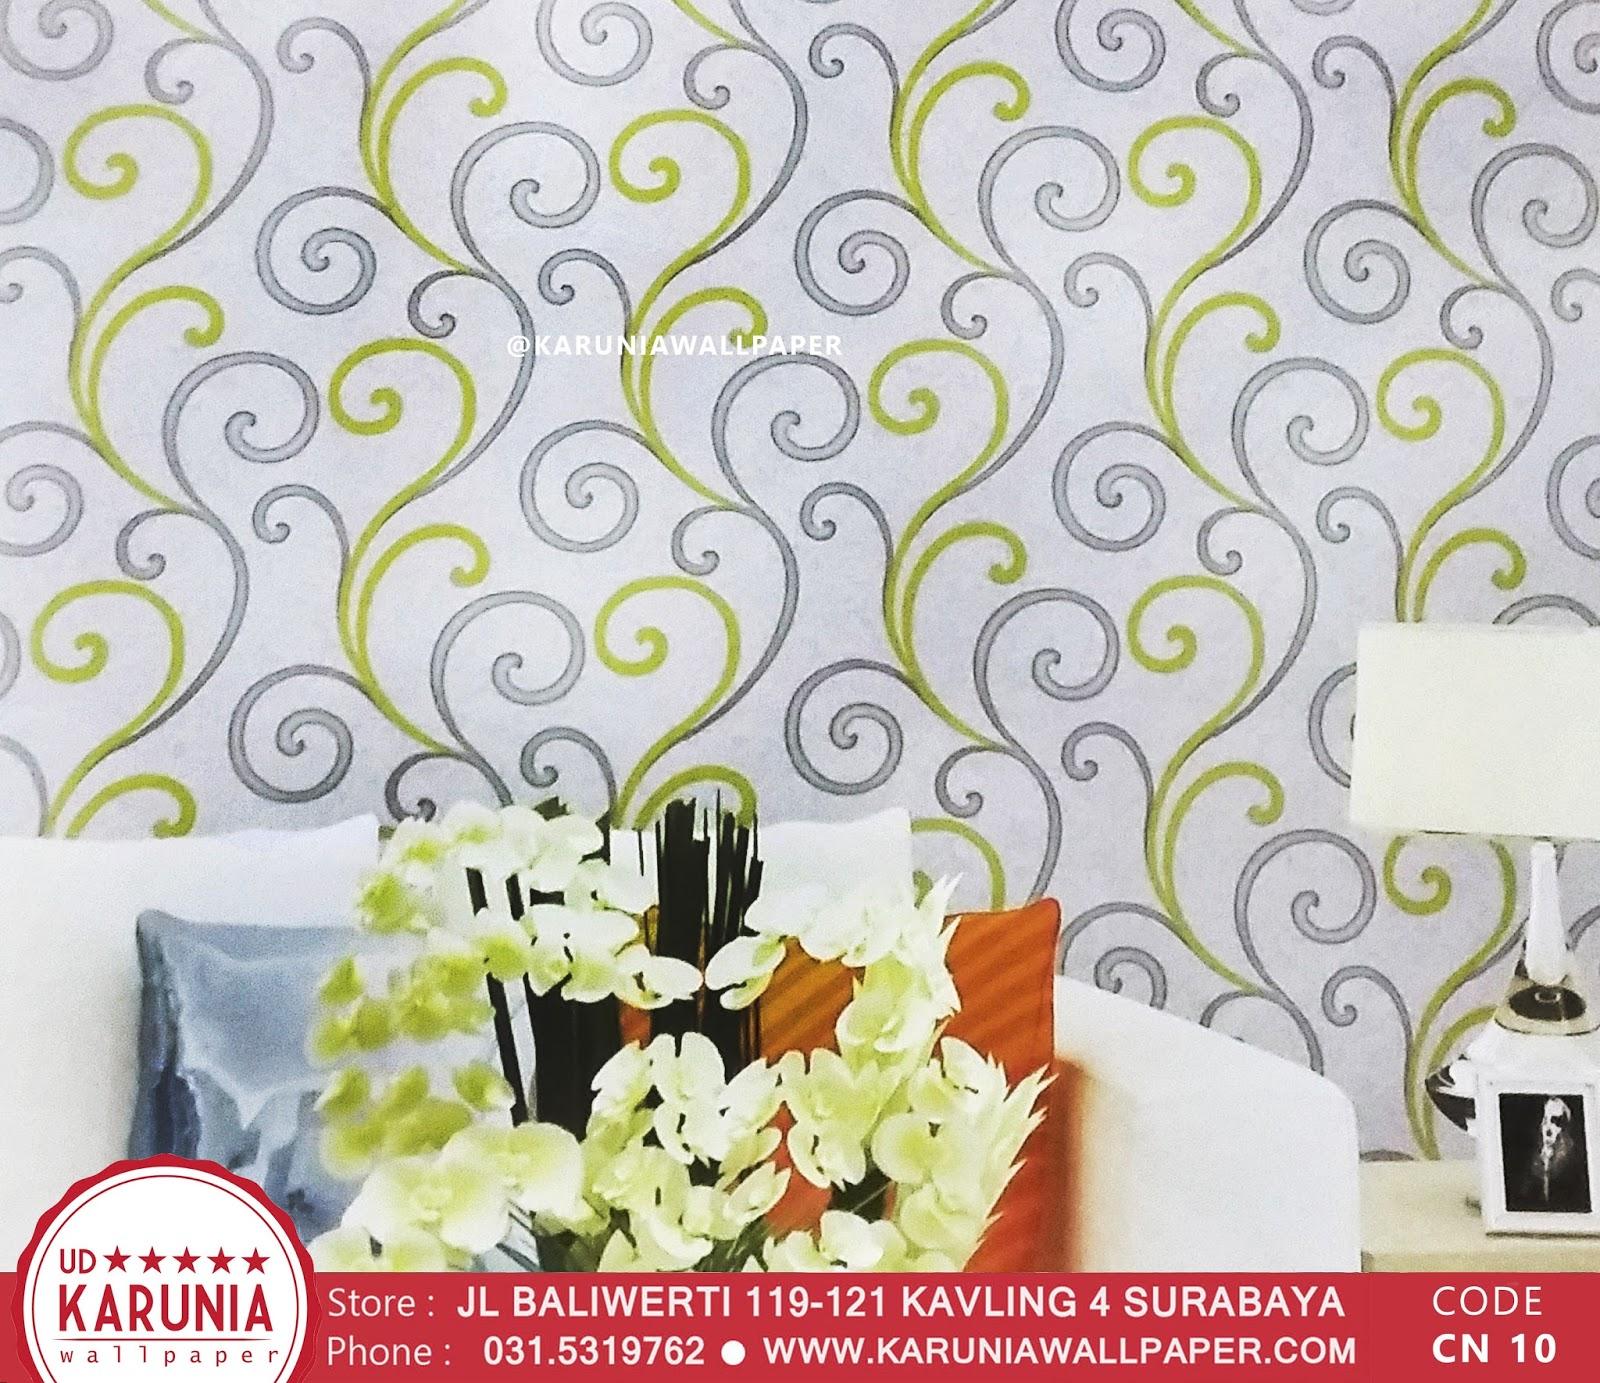 toko wallpaper KARUNIA